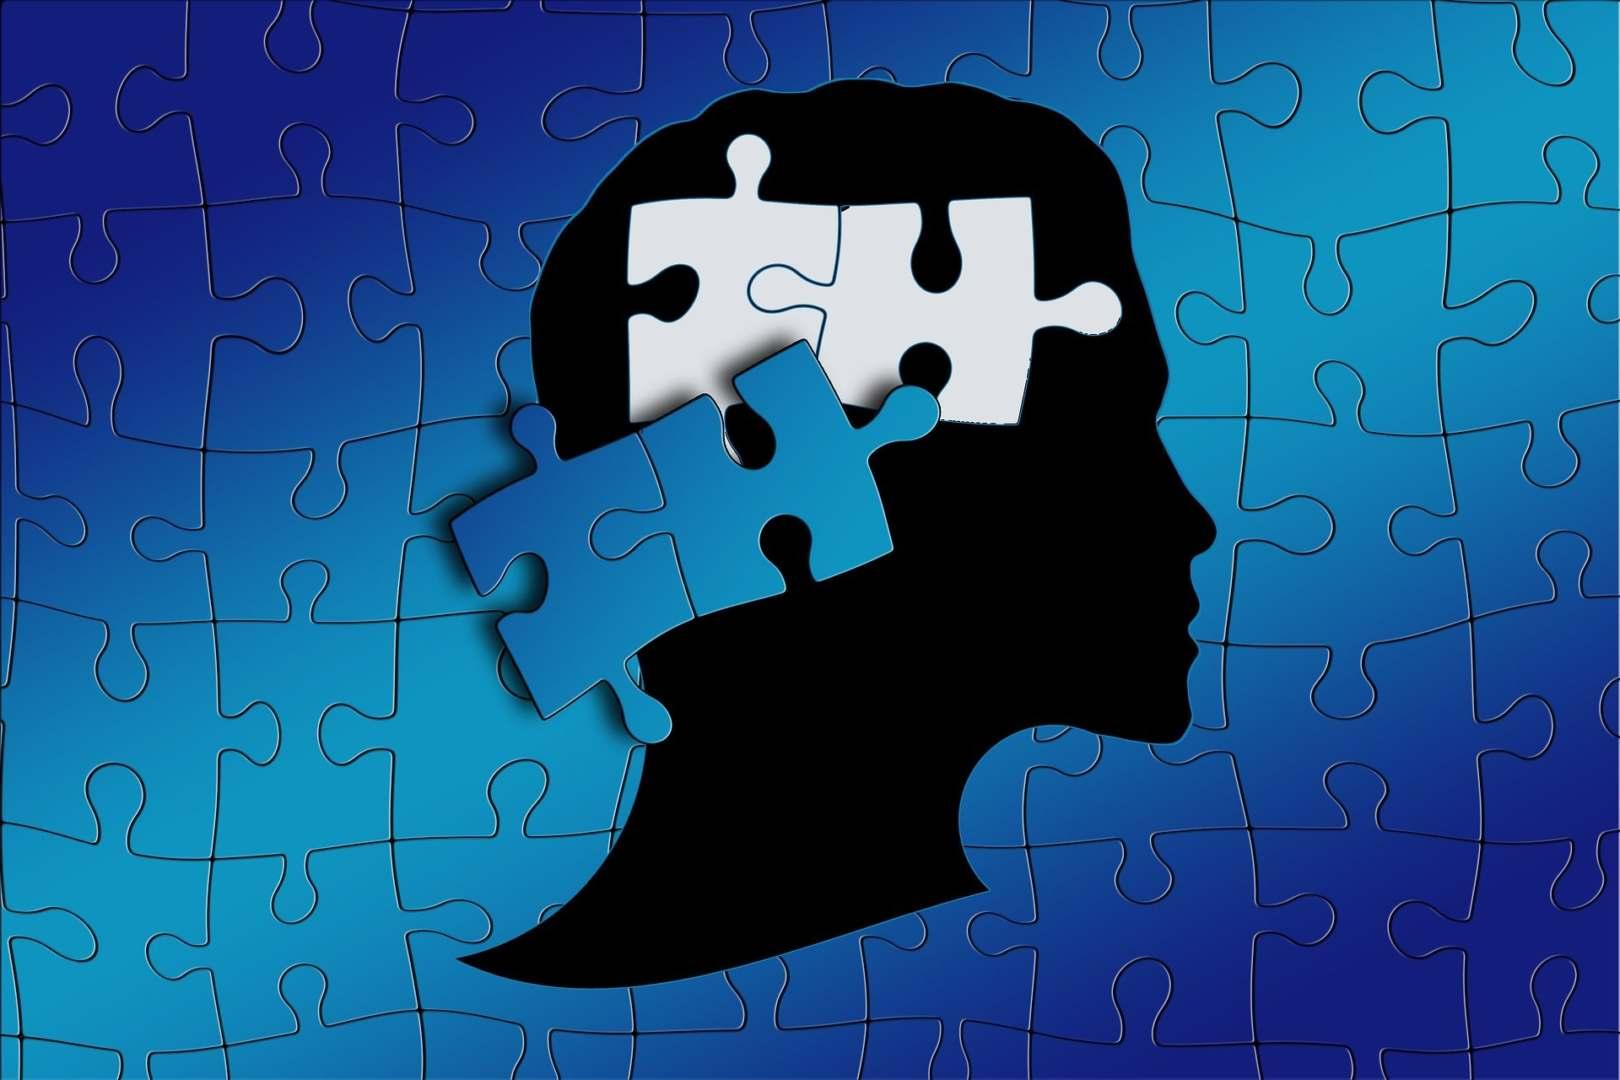 Test dyslexie en ligne. Pour savoir si votre enfant est dyslexique, faites le test